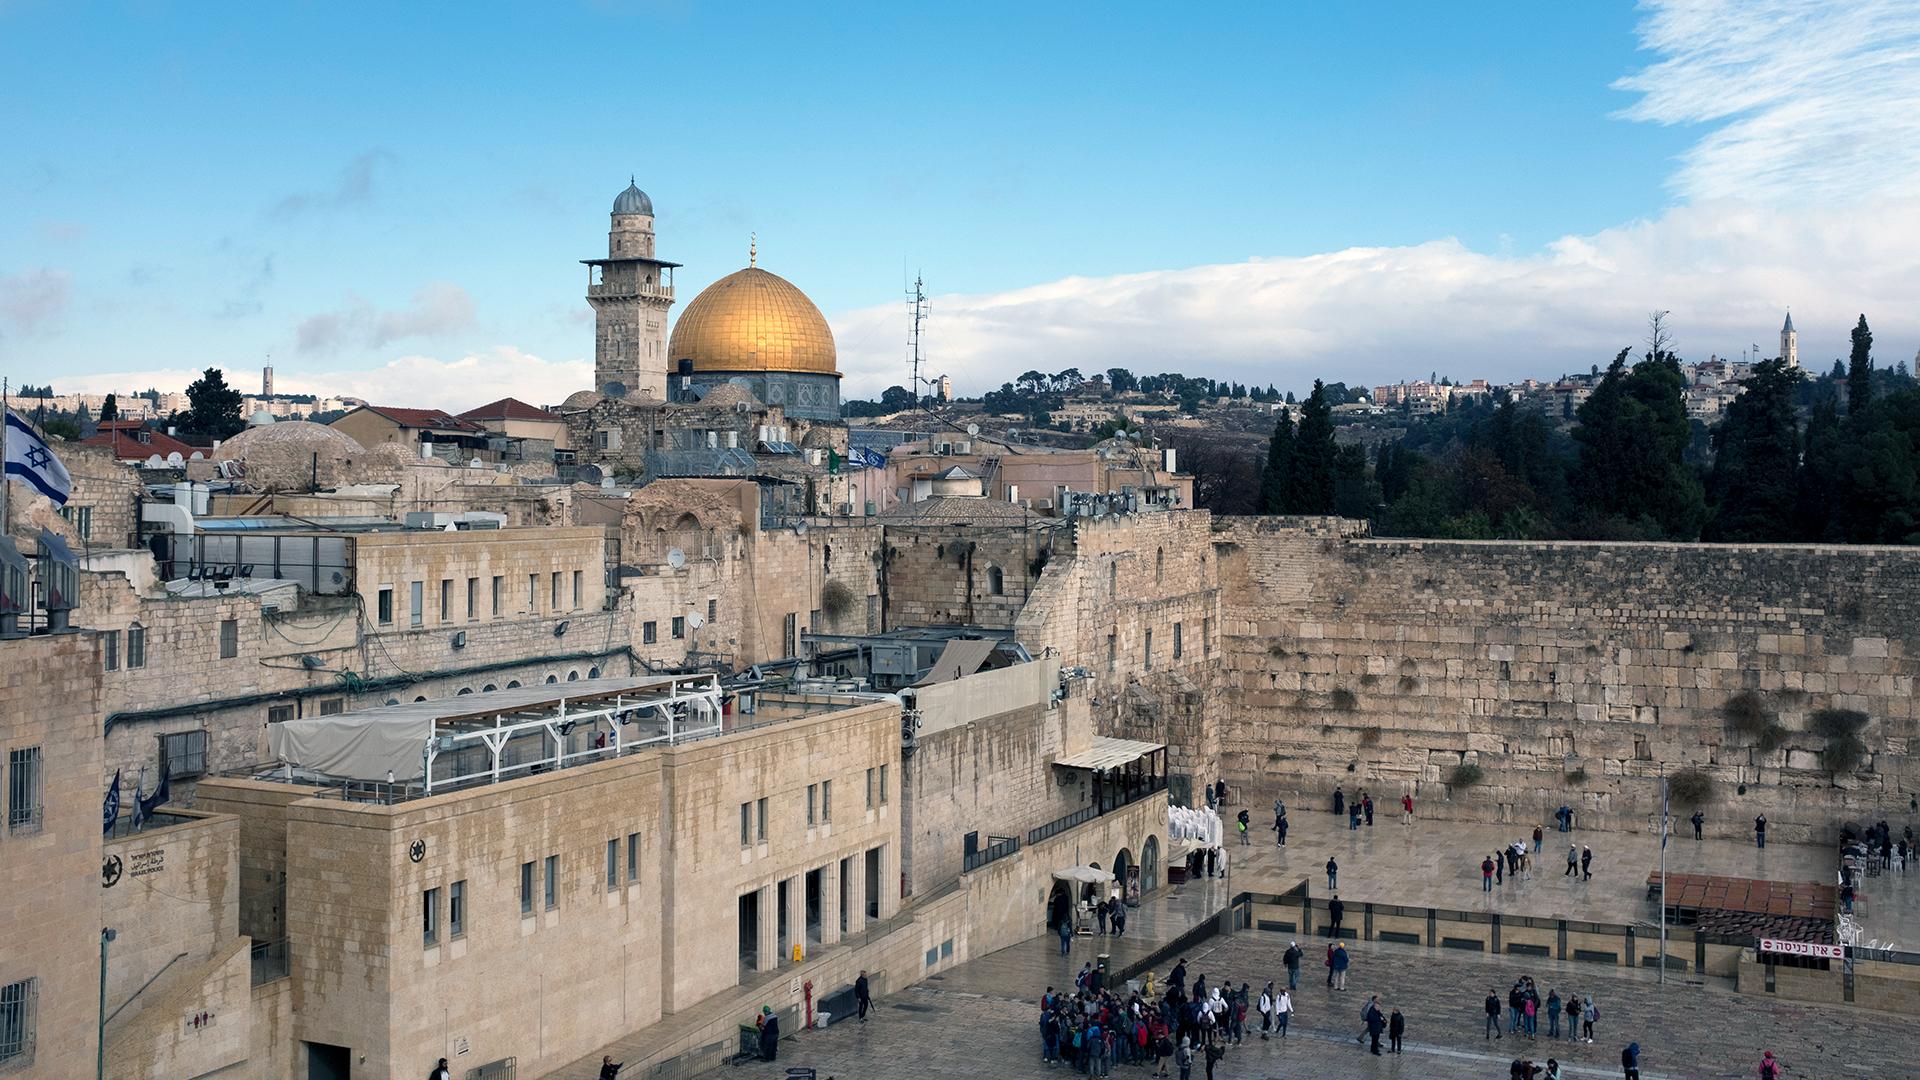 Western Wall in Jerusalem on Dec 6-159532.jpg95097533